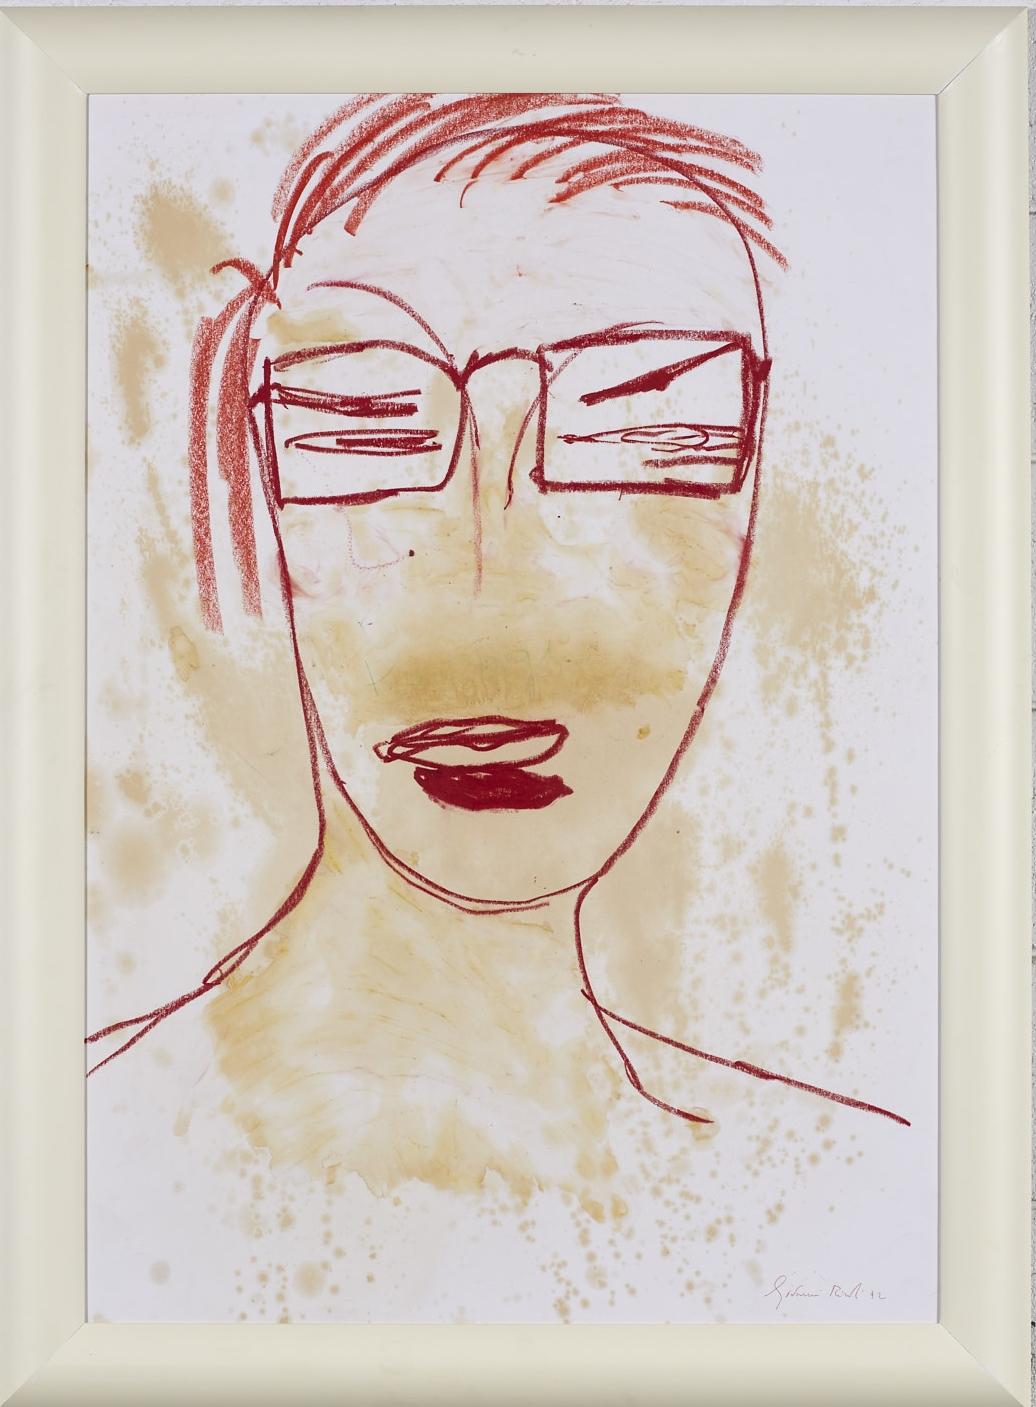 Autoritratto | Self-portrait